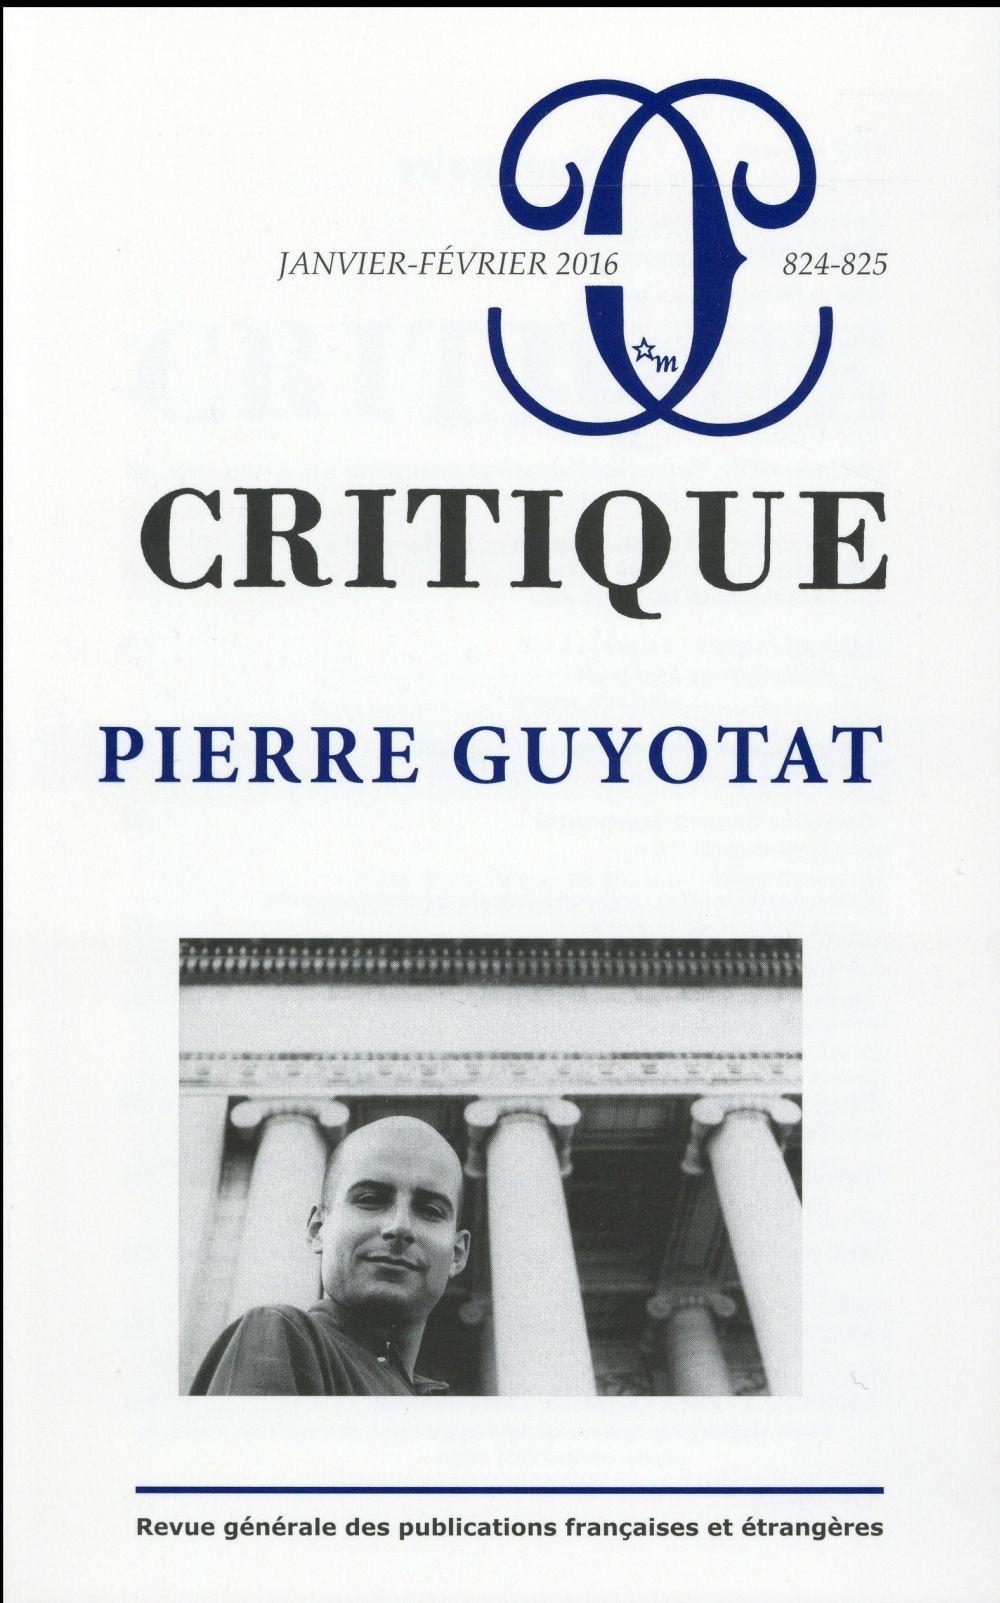 CRITIQUE 824-825 : PIERRE GUYOTAT